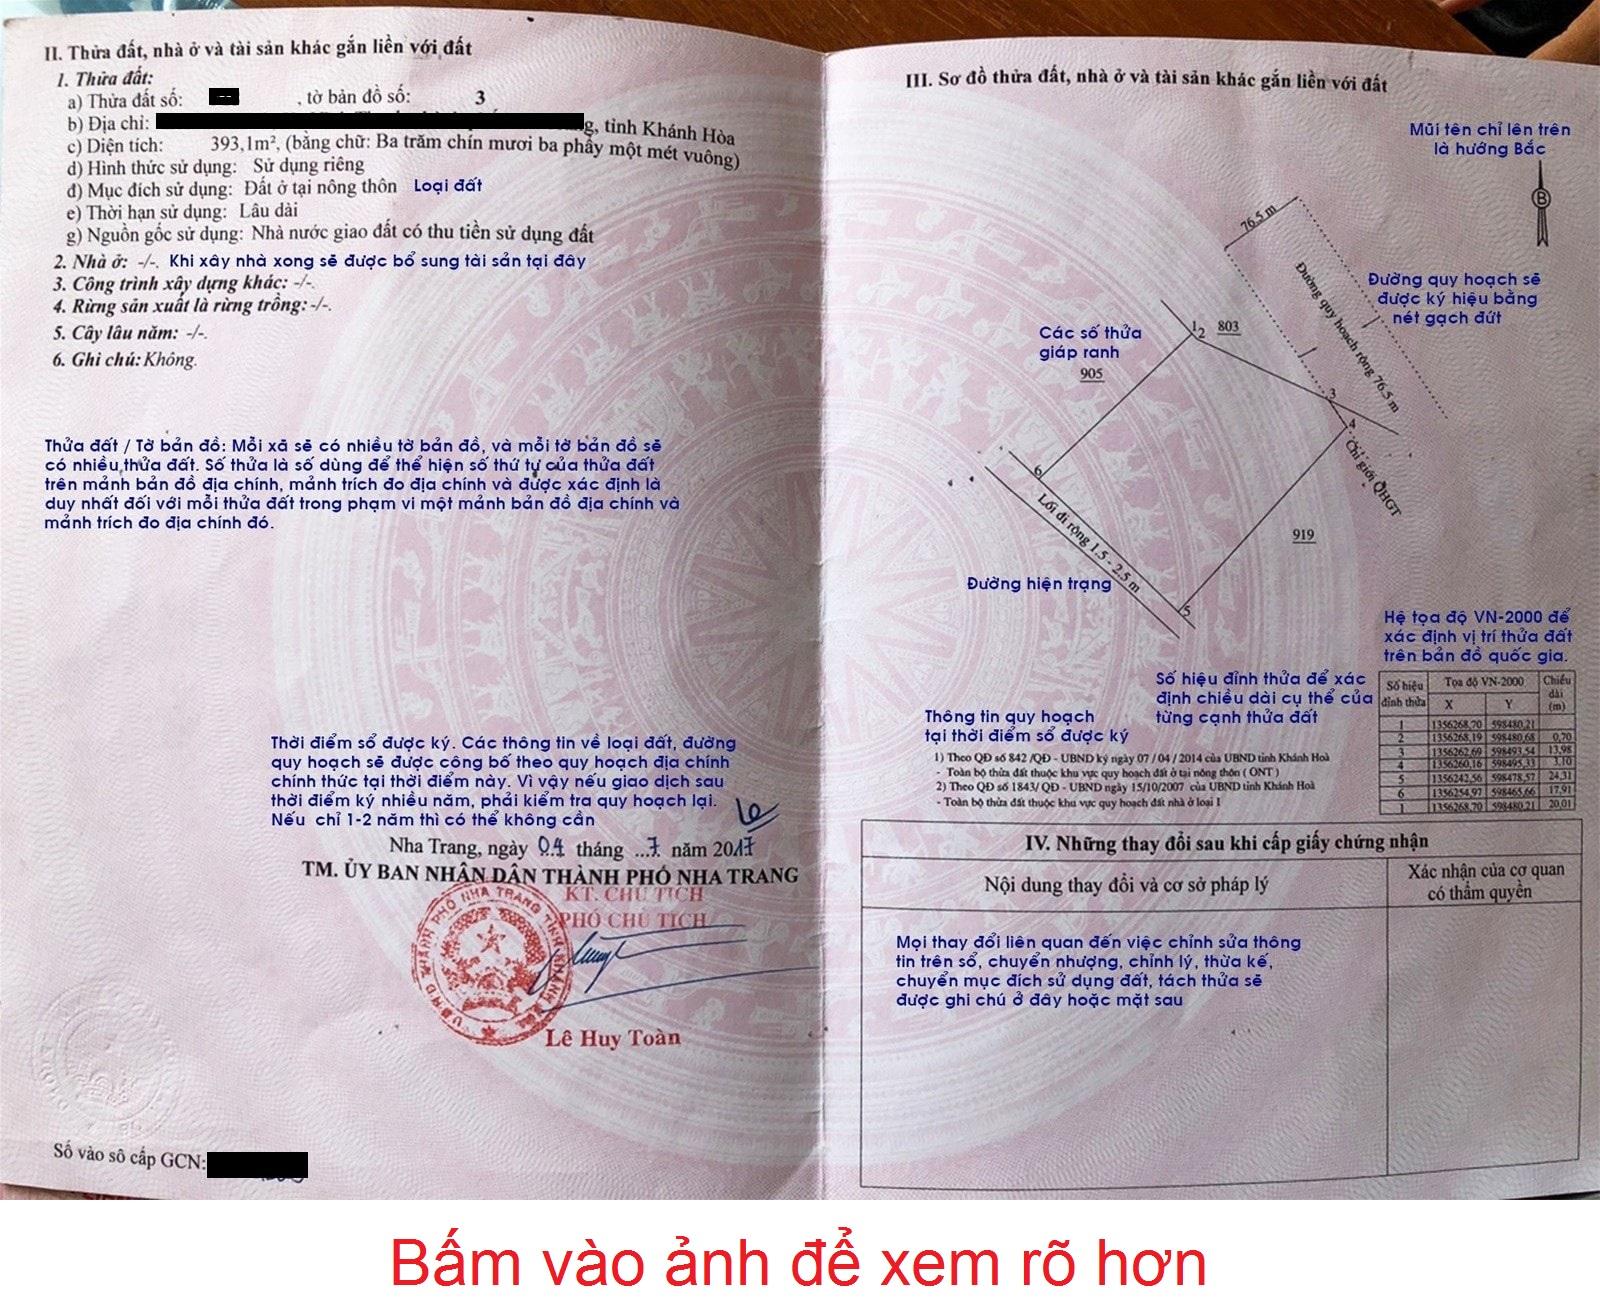 Mẫu giấy chứng nhận quyền sử dụng đất